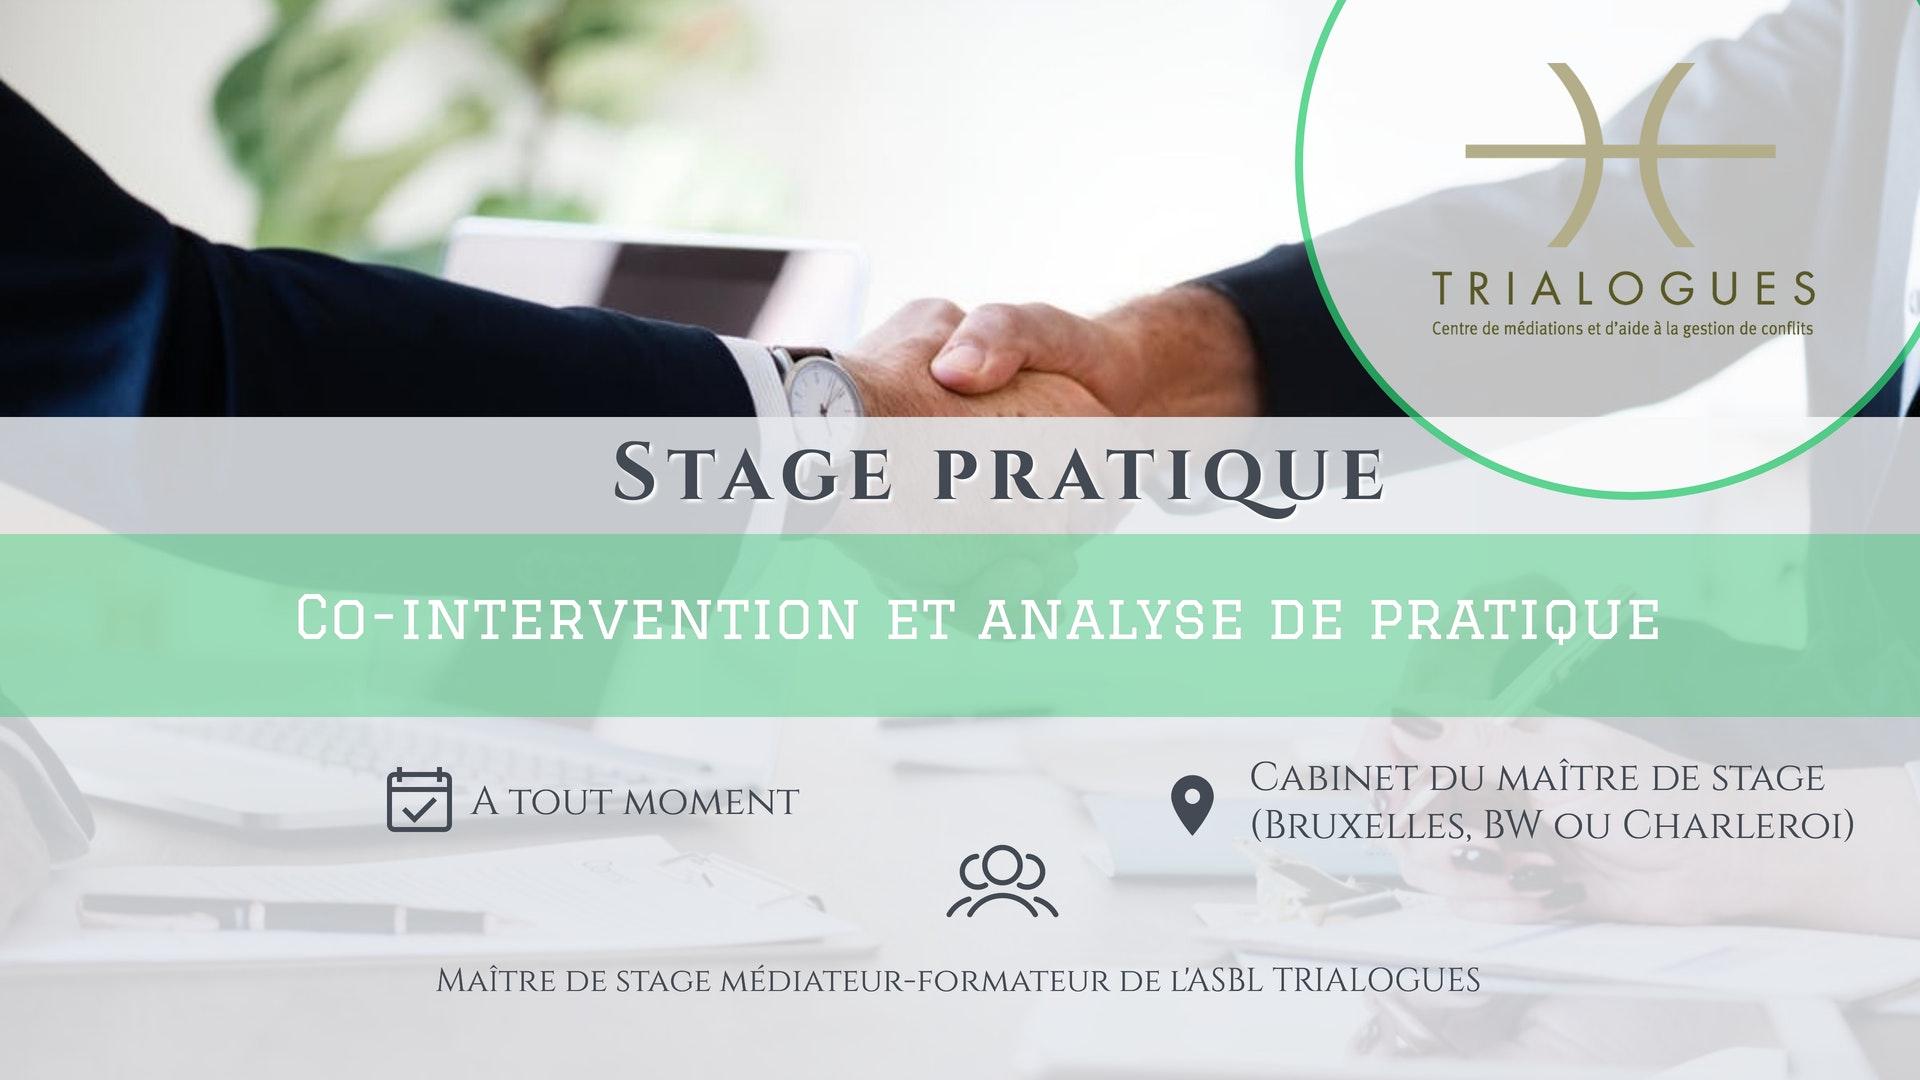 STAGE PRATIQUE - Co-intervention et analyse de pratique